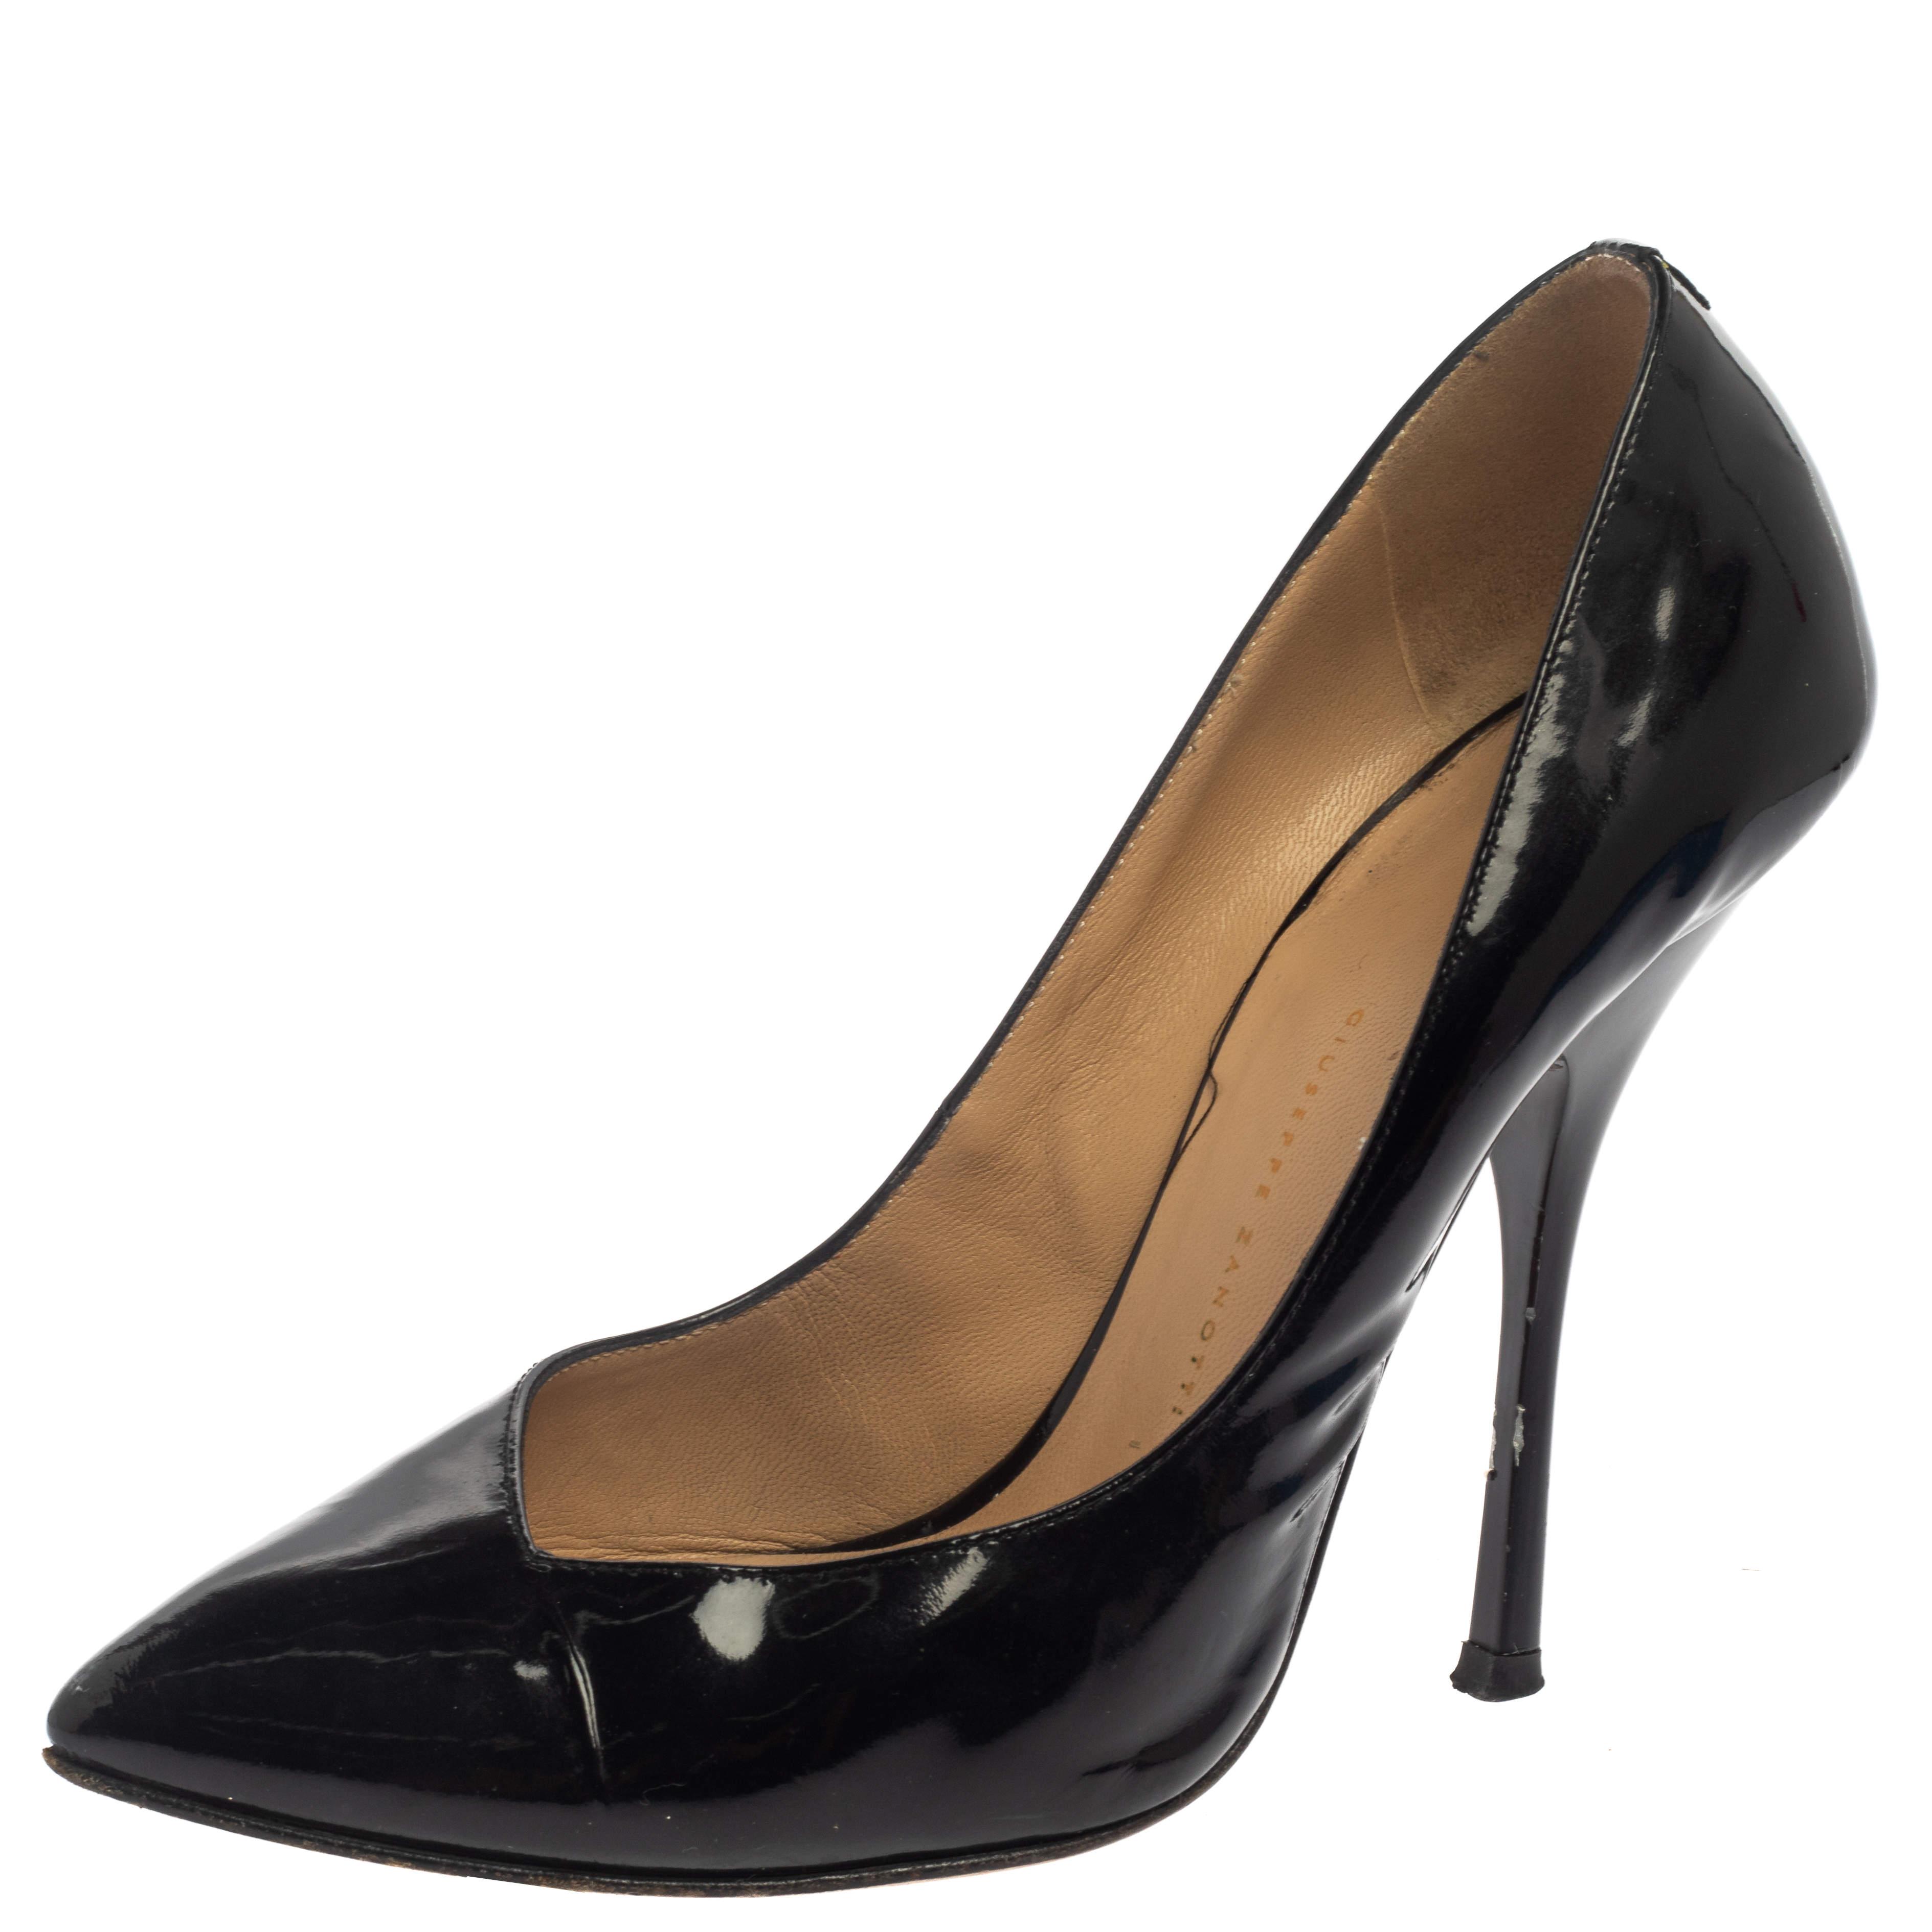 حذاء كعب عالى جوسيبى زانوتى مقدمة مدببة جلد لامع أسود مقاس 37.5